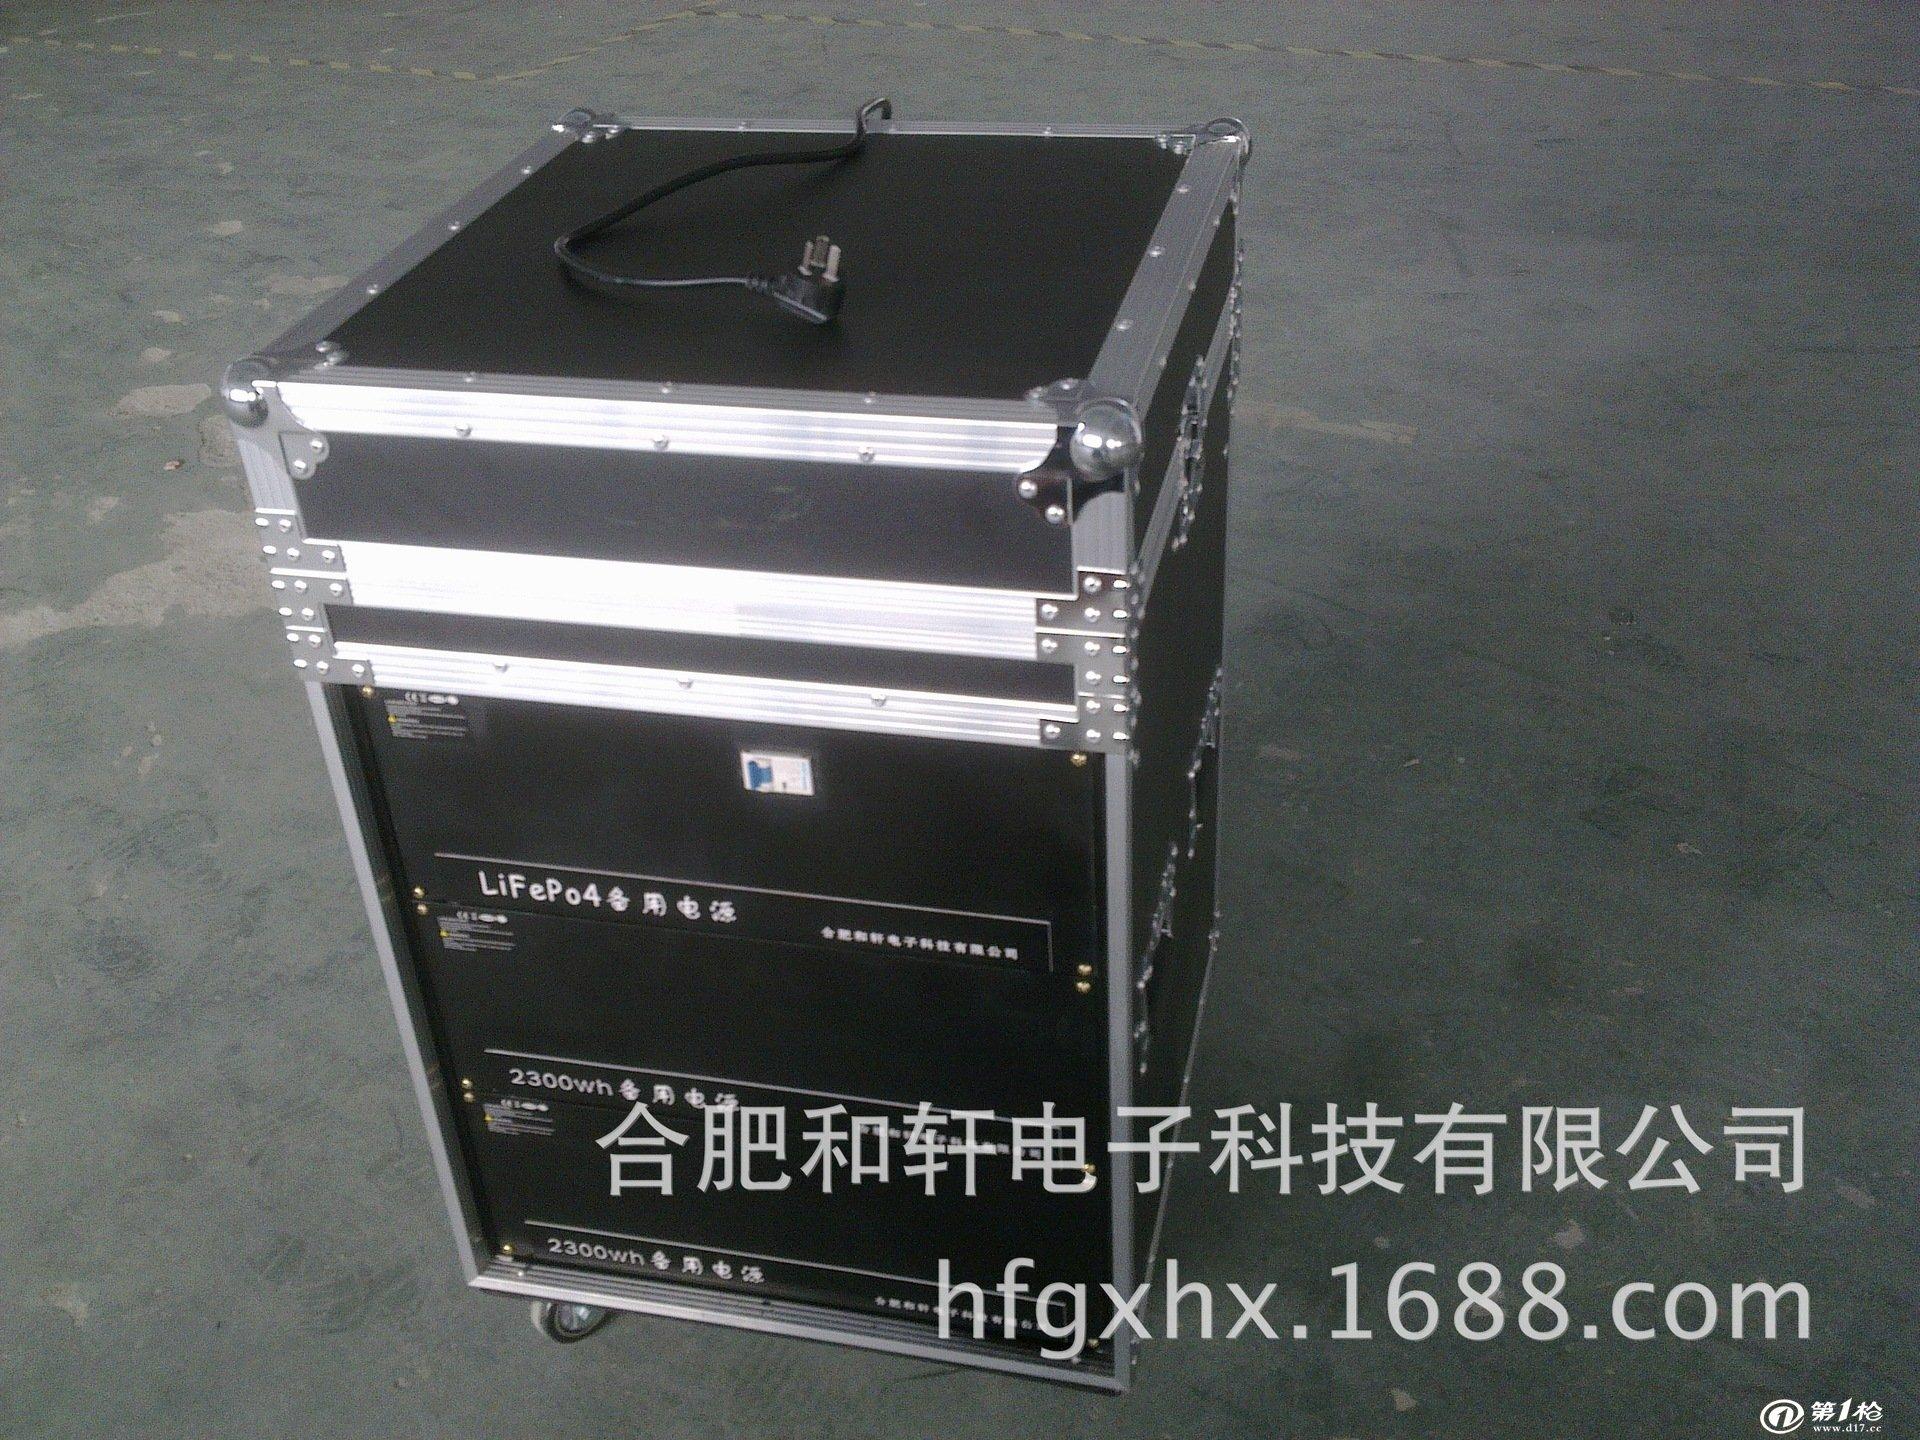 供应2300wh220v移动备用电源 48v铁锂逆变方案多选